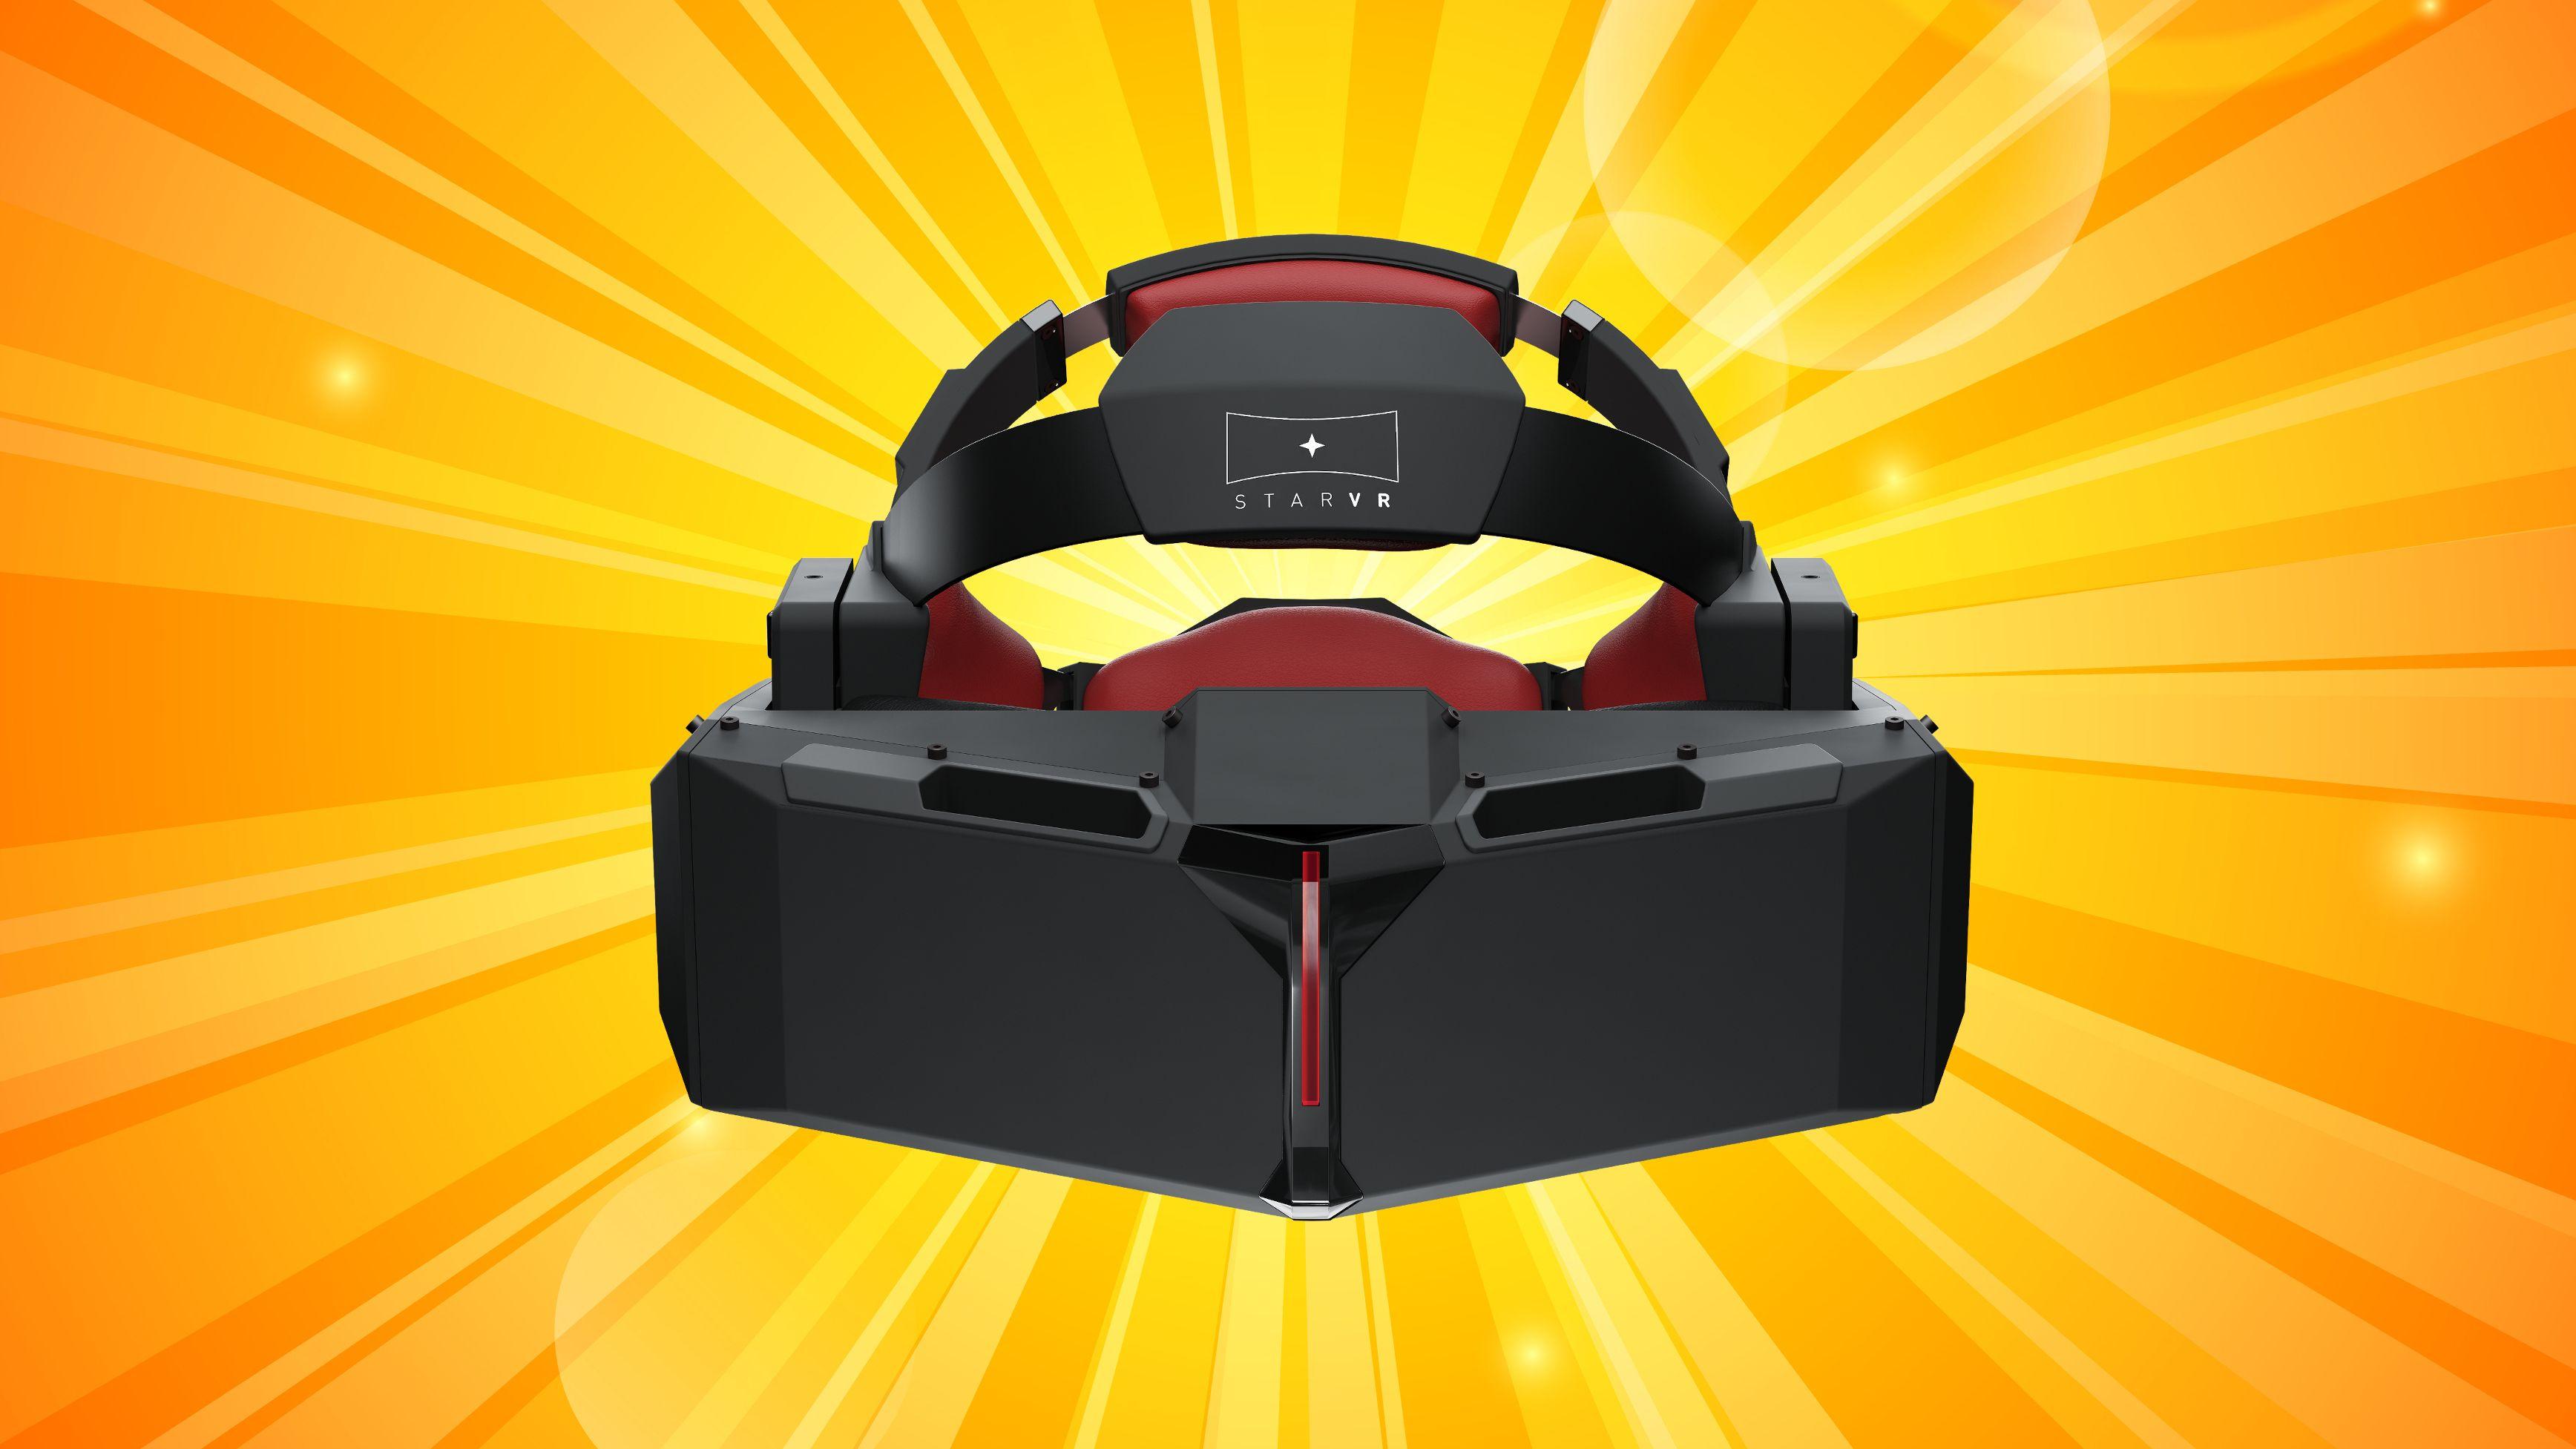 Disse VR-brillene blir mye bedre enn Oculus Rift og HTC Vive